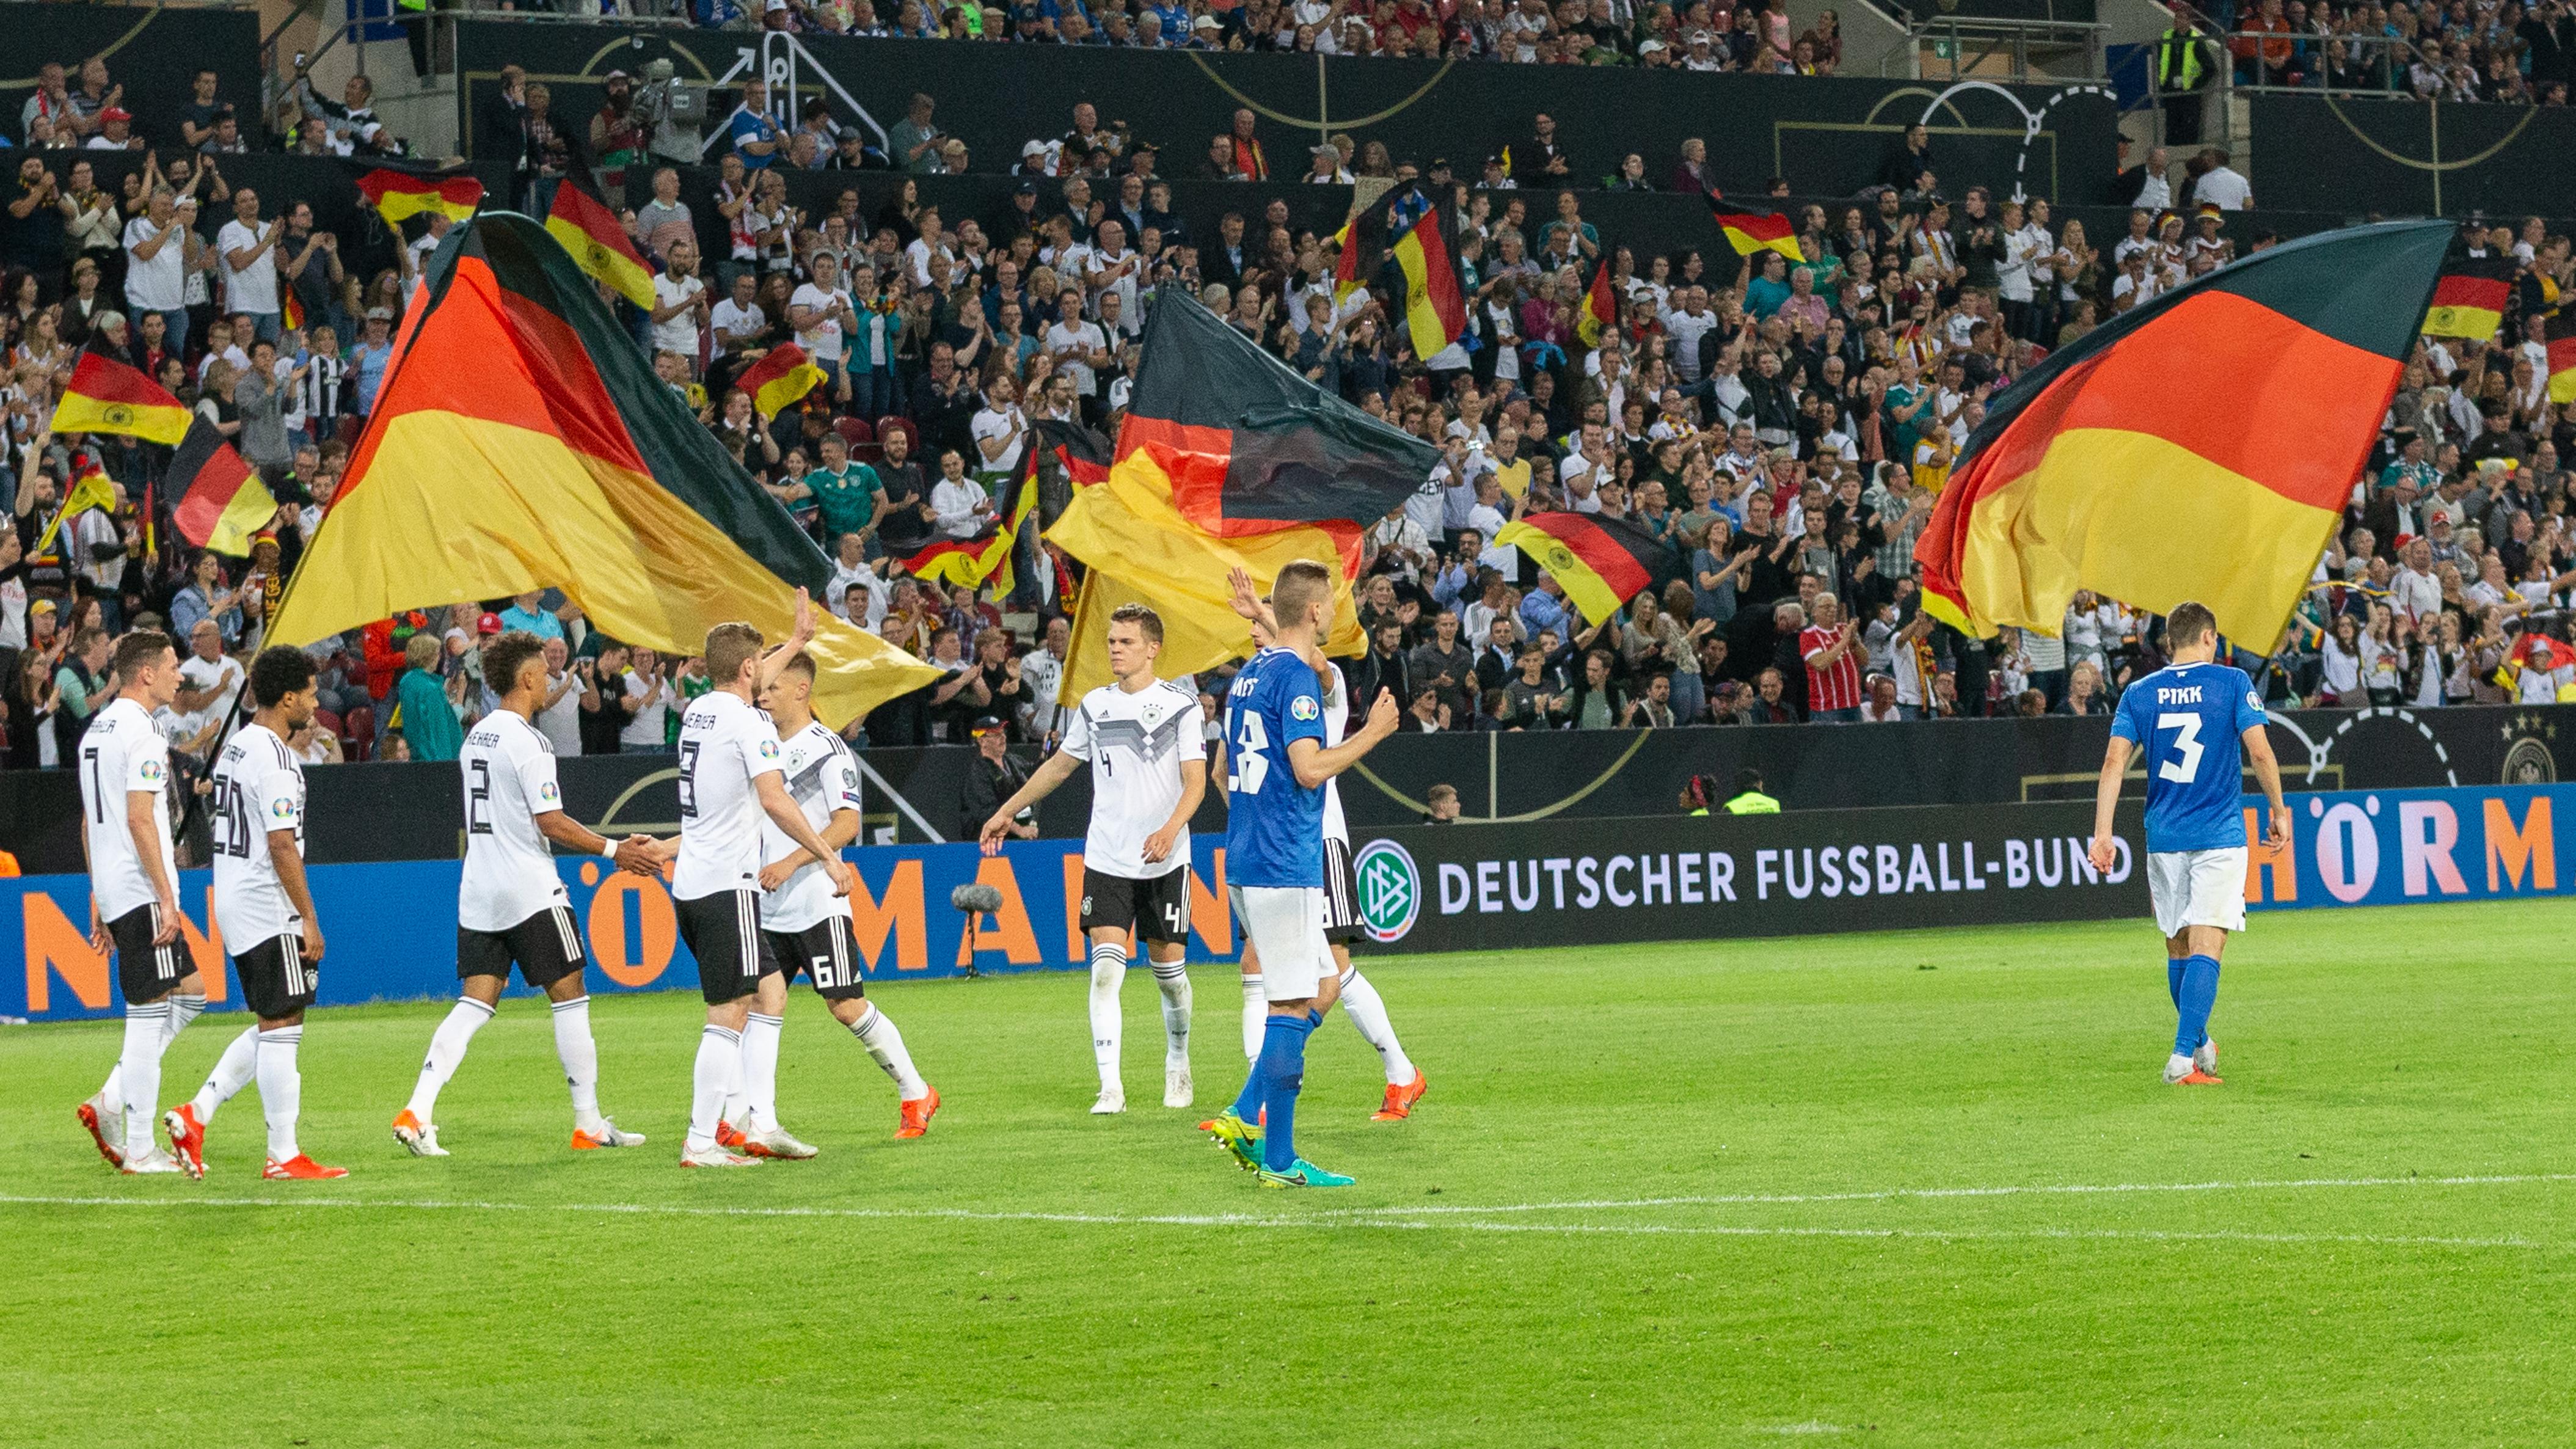 File:2019-06-11 Fußball, Männer, Länderspiel, Deutschland-Estland StP 2273 LR10 by Stepro.jpg